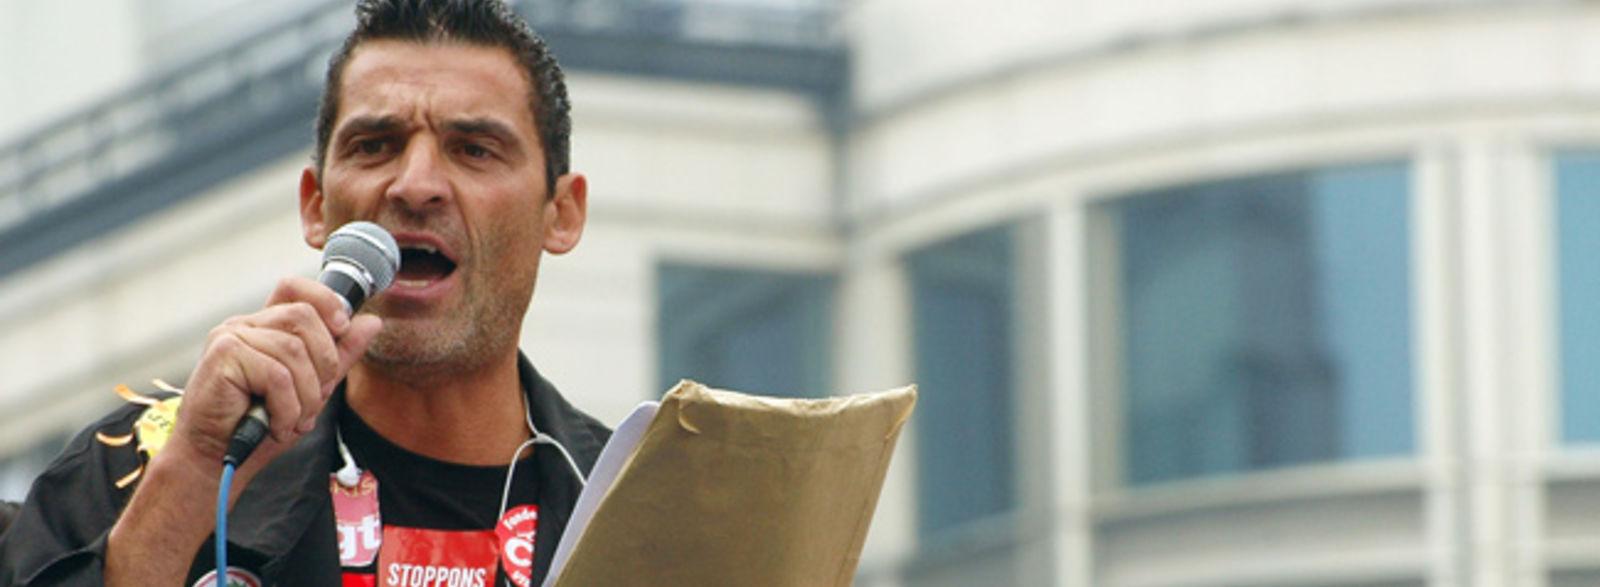 Xavier Mathieu condamné à 1200 euros d'amende